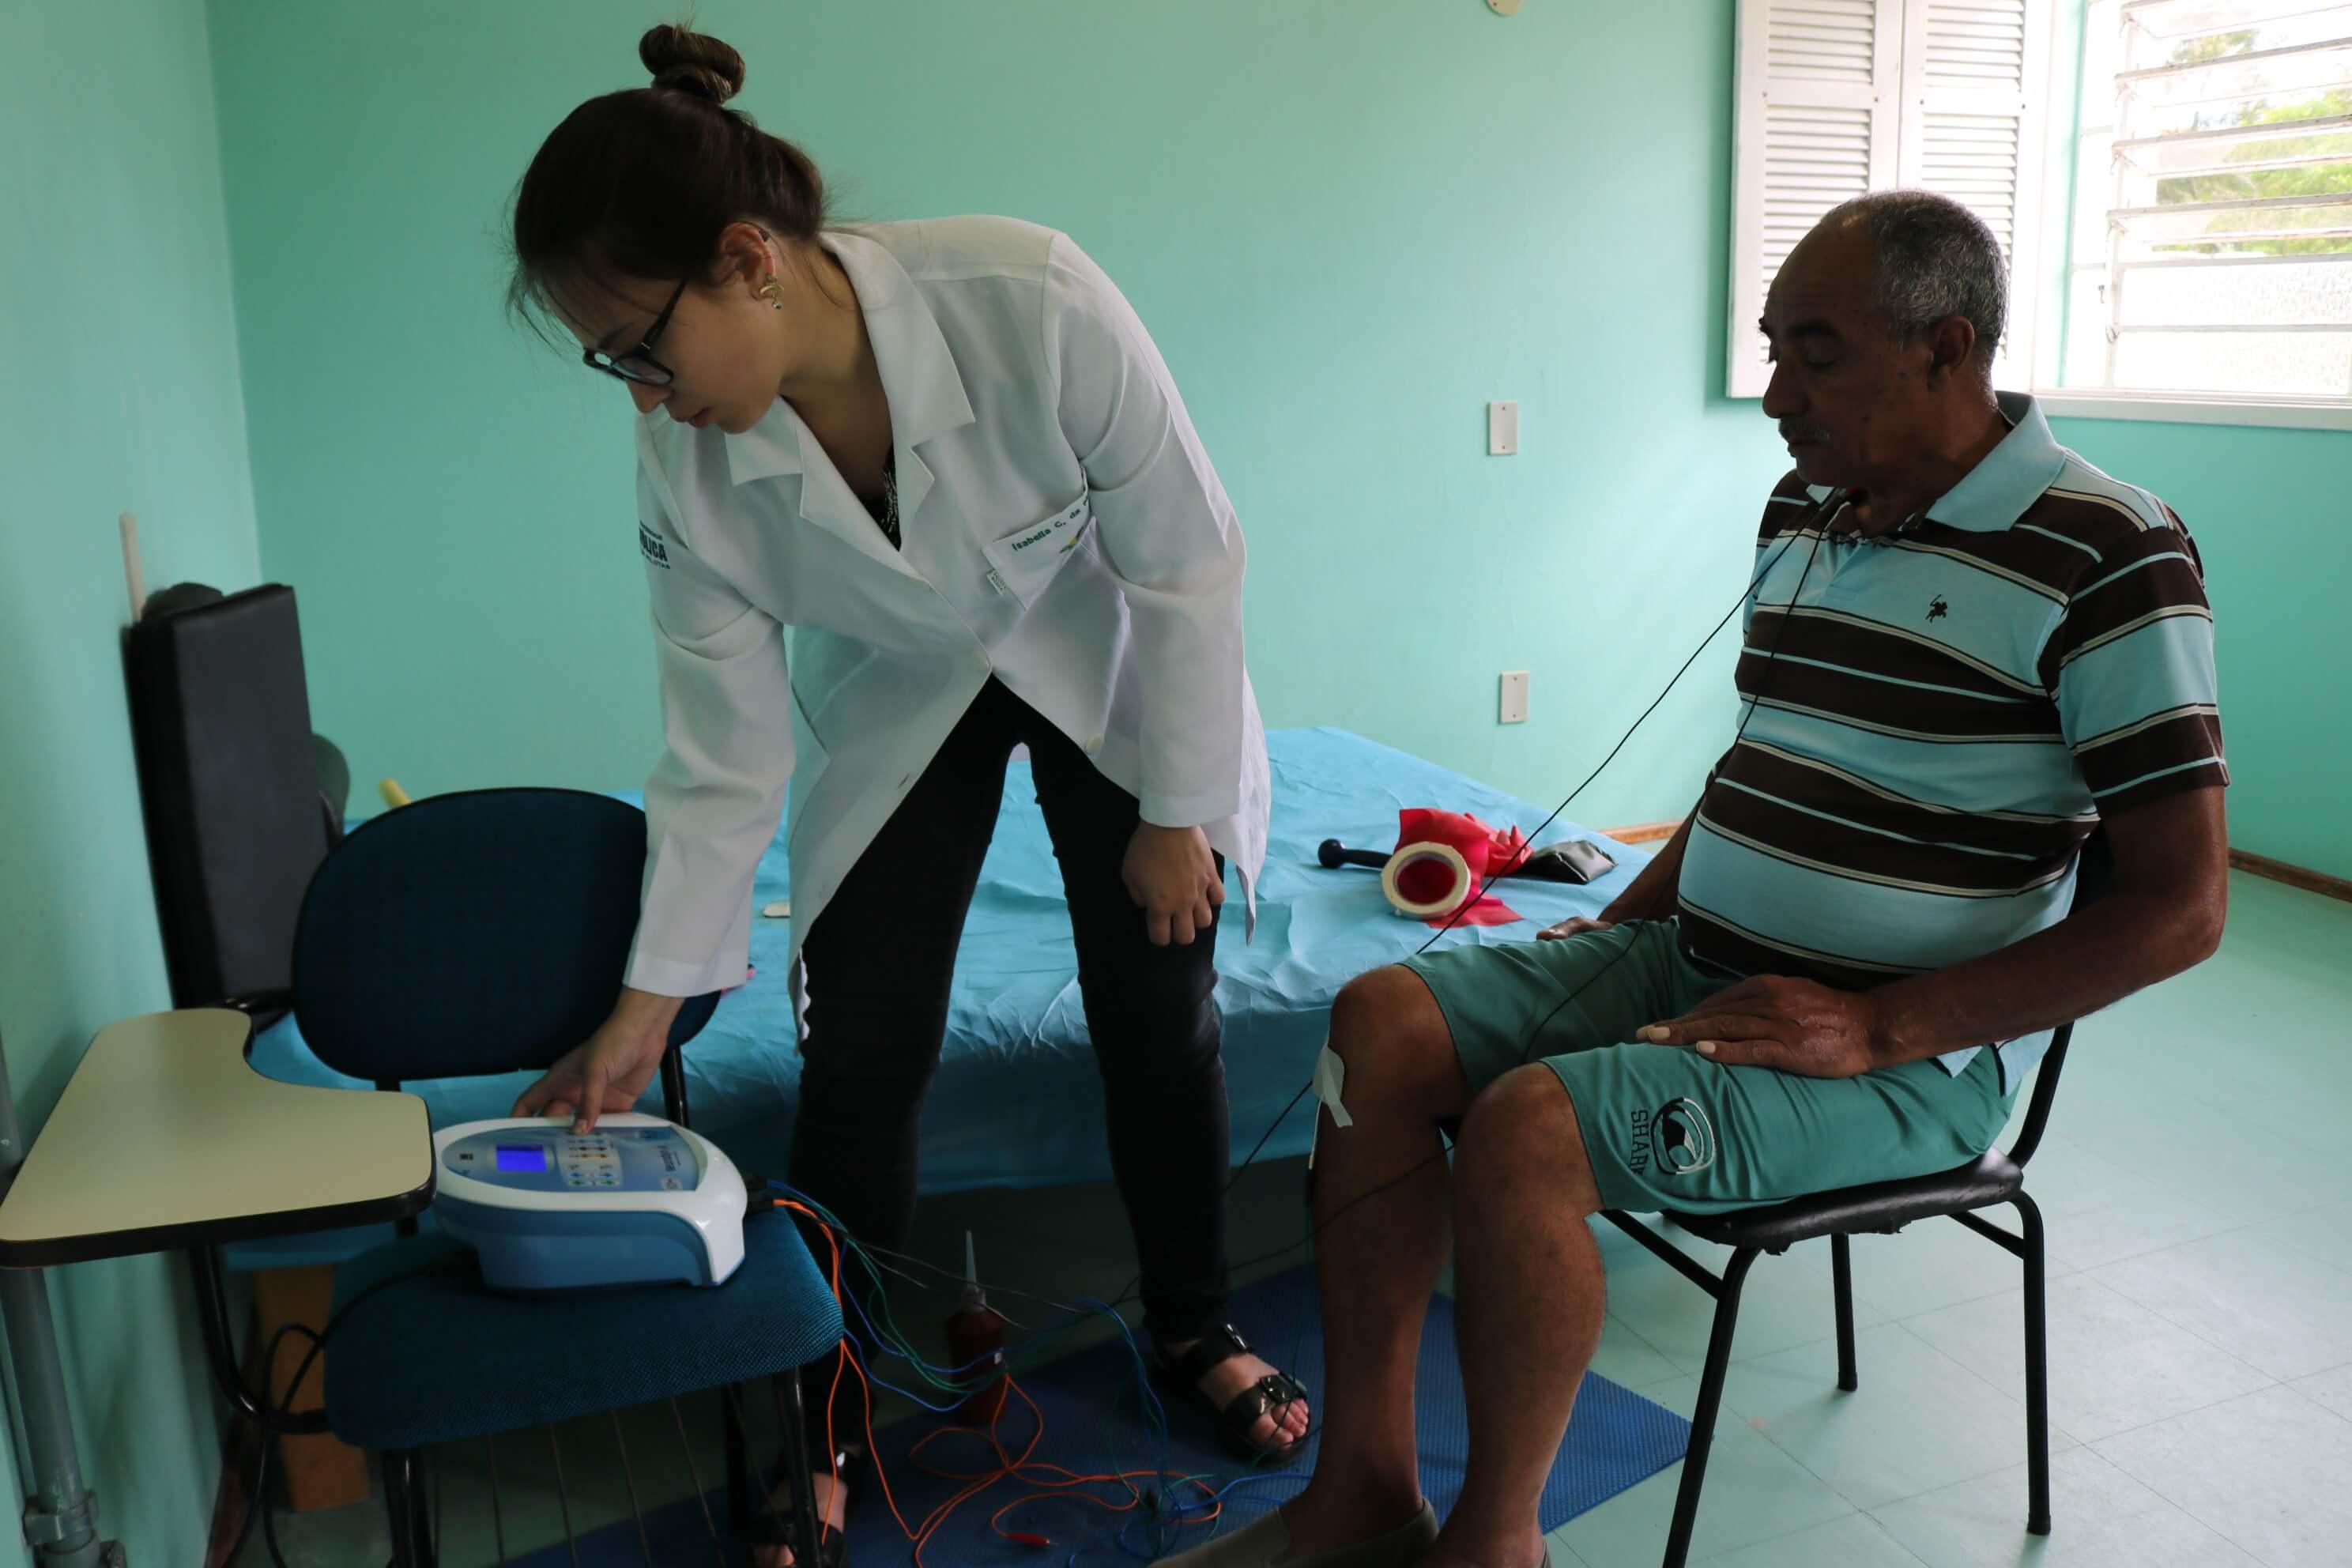 Fisioterapia da UCPel, Fisioterapia da UCPel: Programa de Extensão Atenção Fisioterapêutica na Comunidade